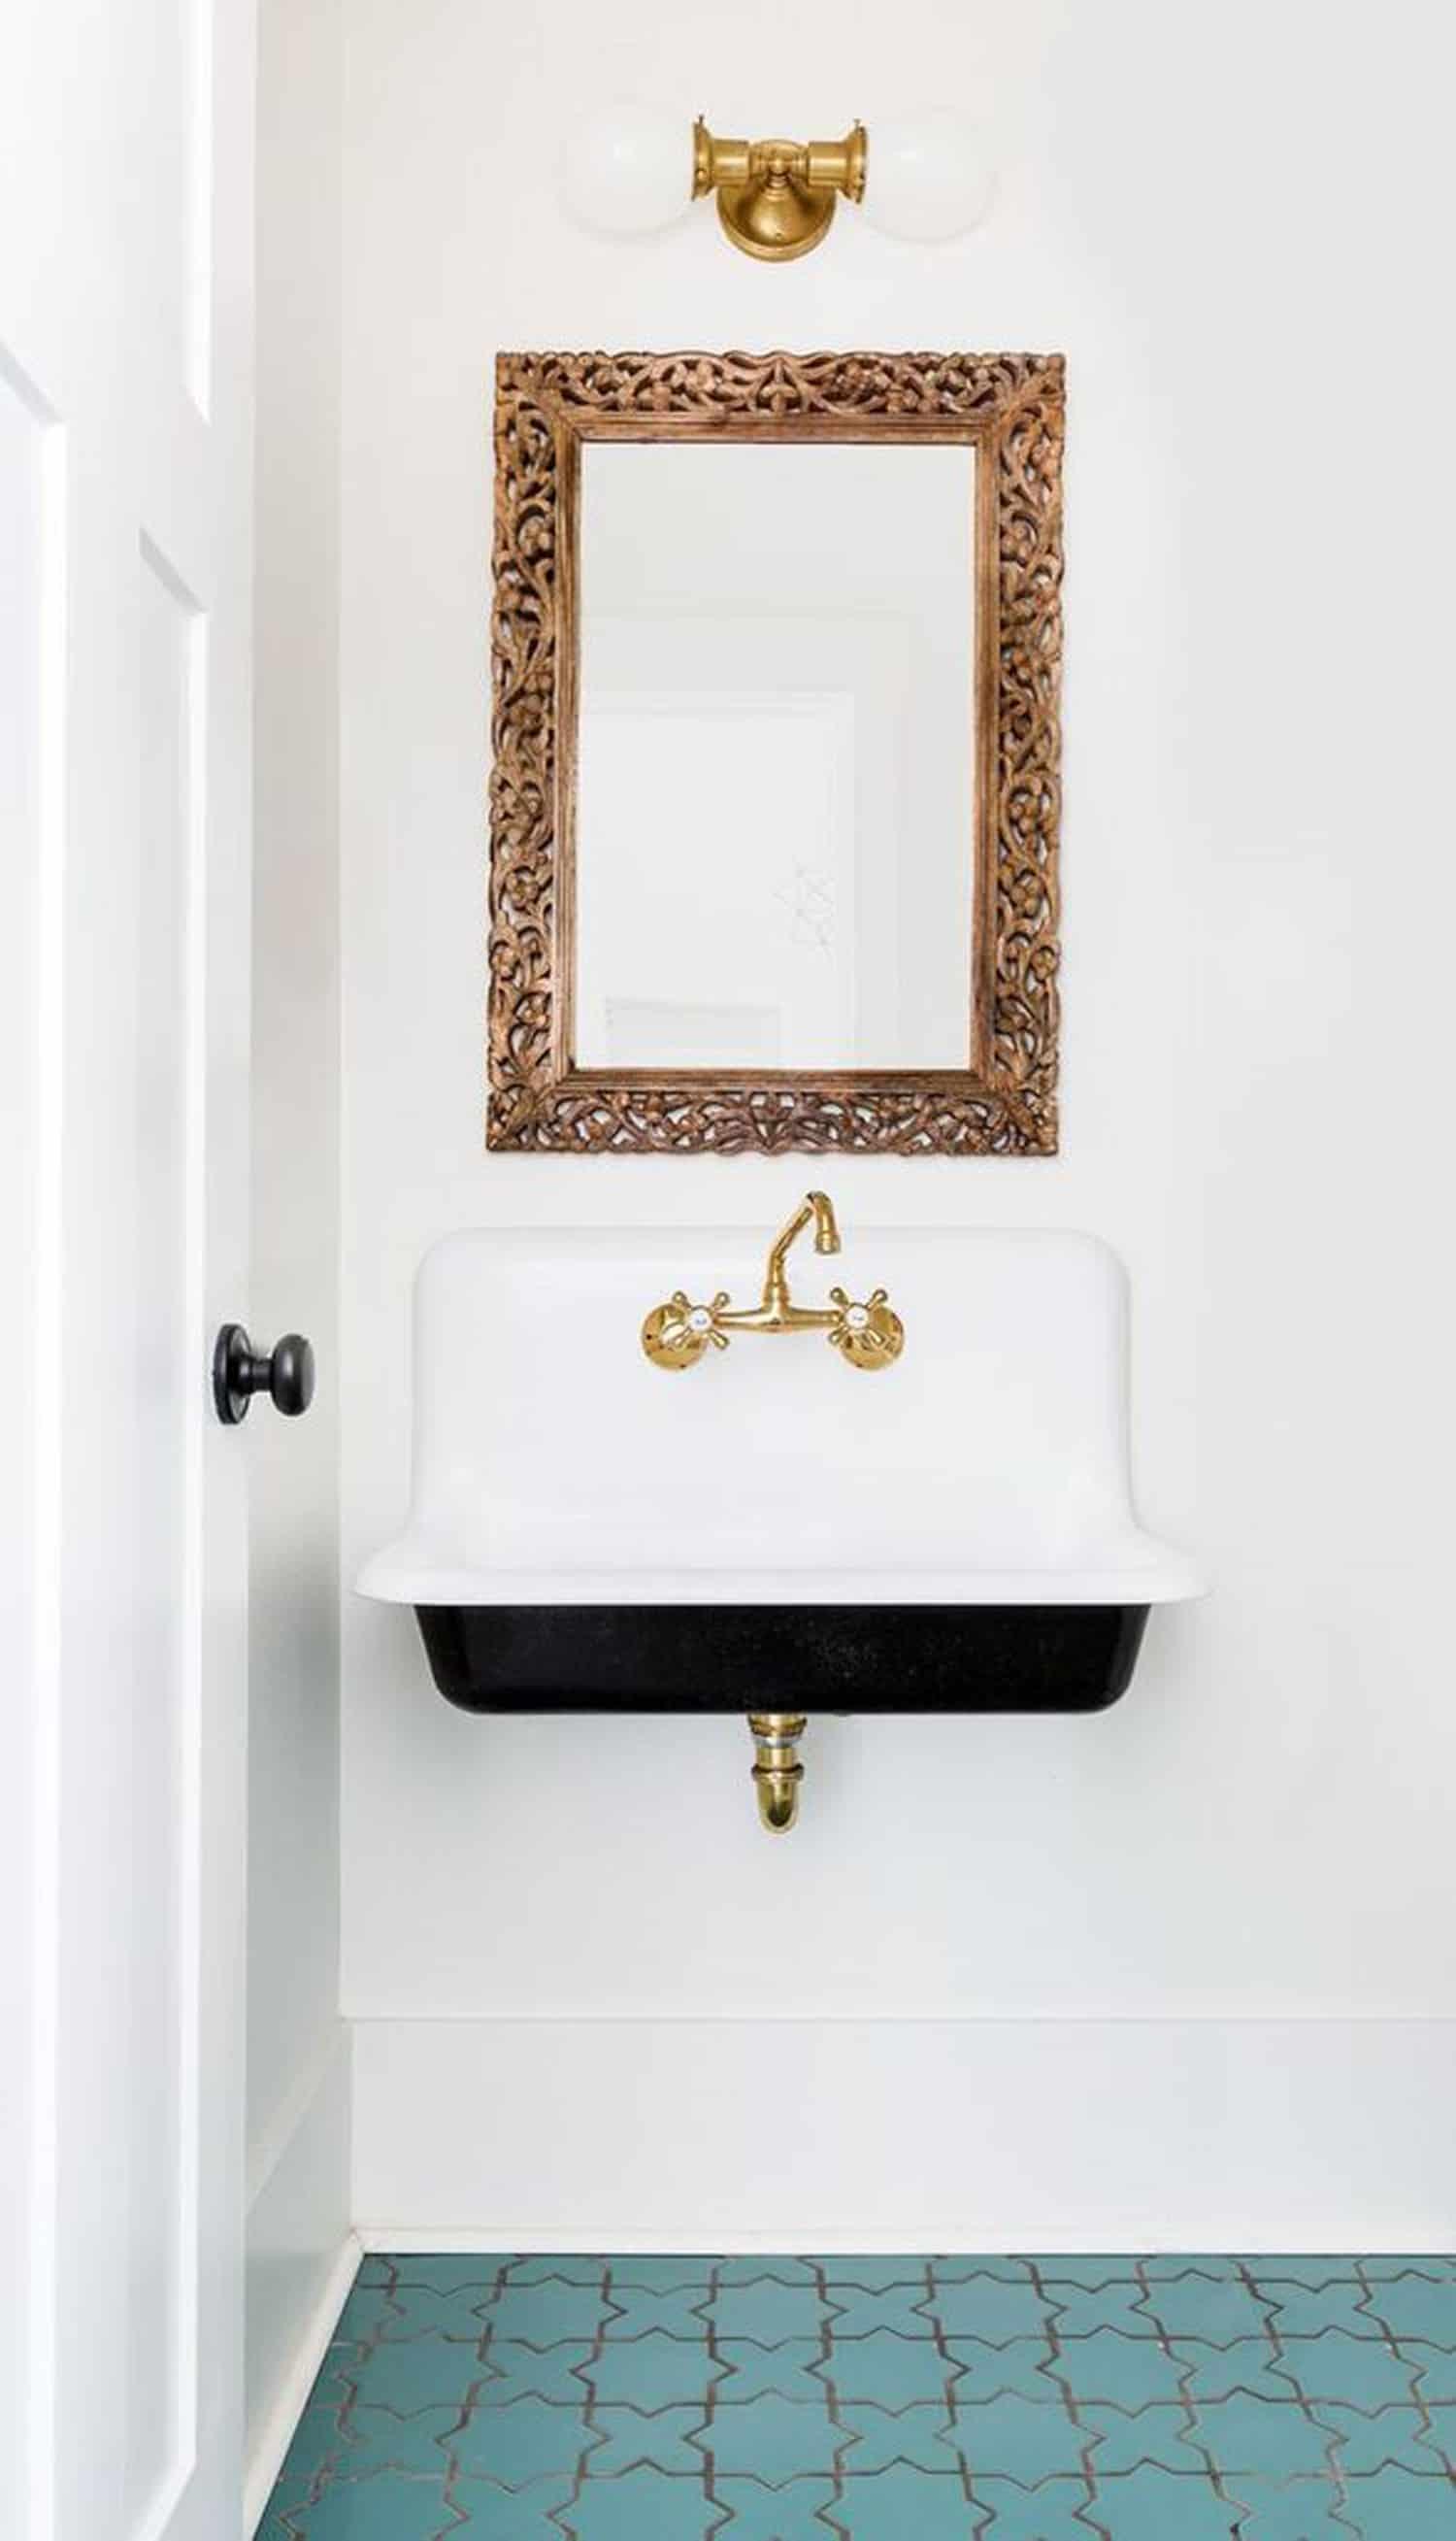 Heidi-Caillier-Design-Seattle-interior-designer